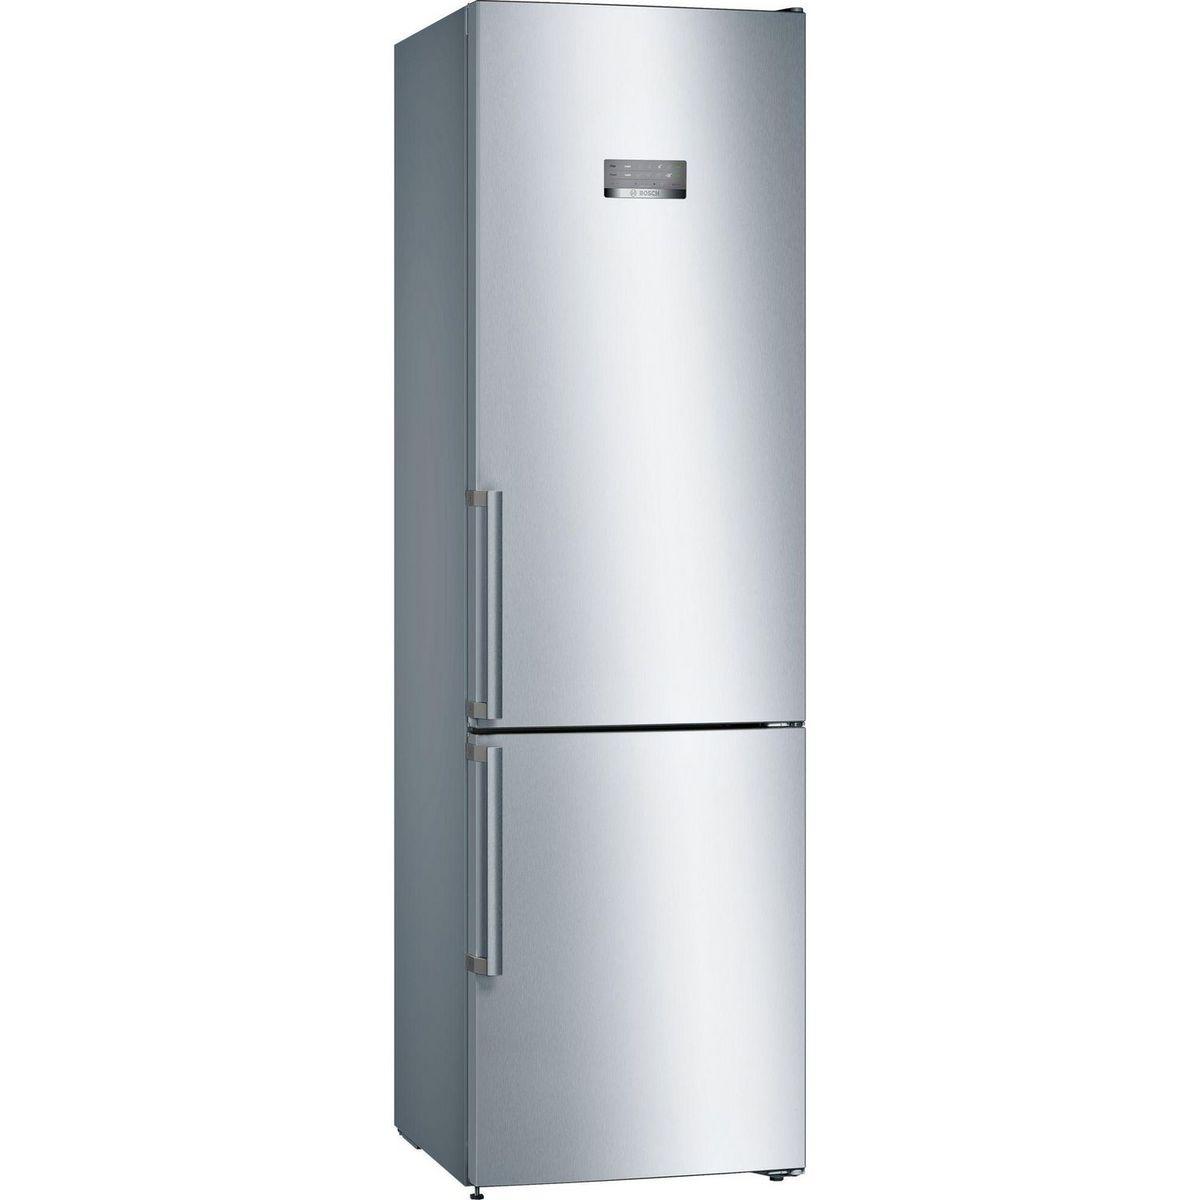 Réfrigérateur congélateur KGN39MLEP, 366 L, No frost